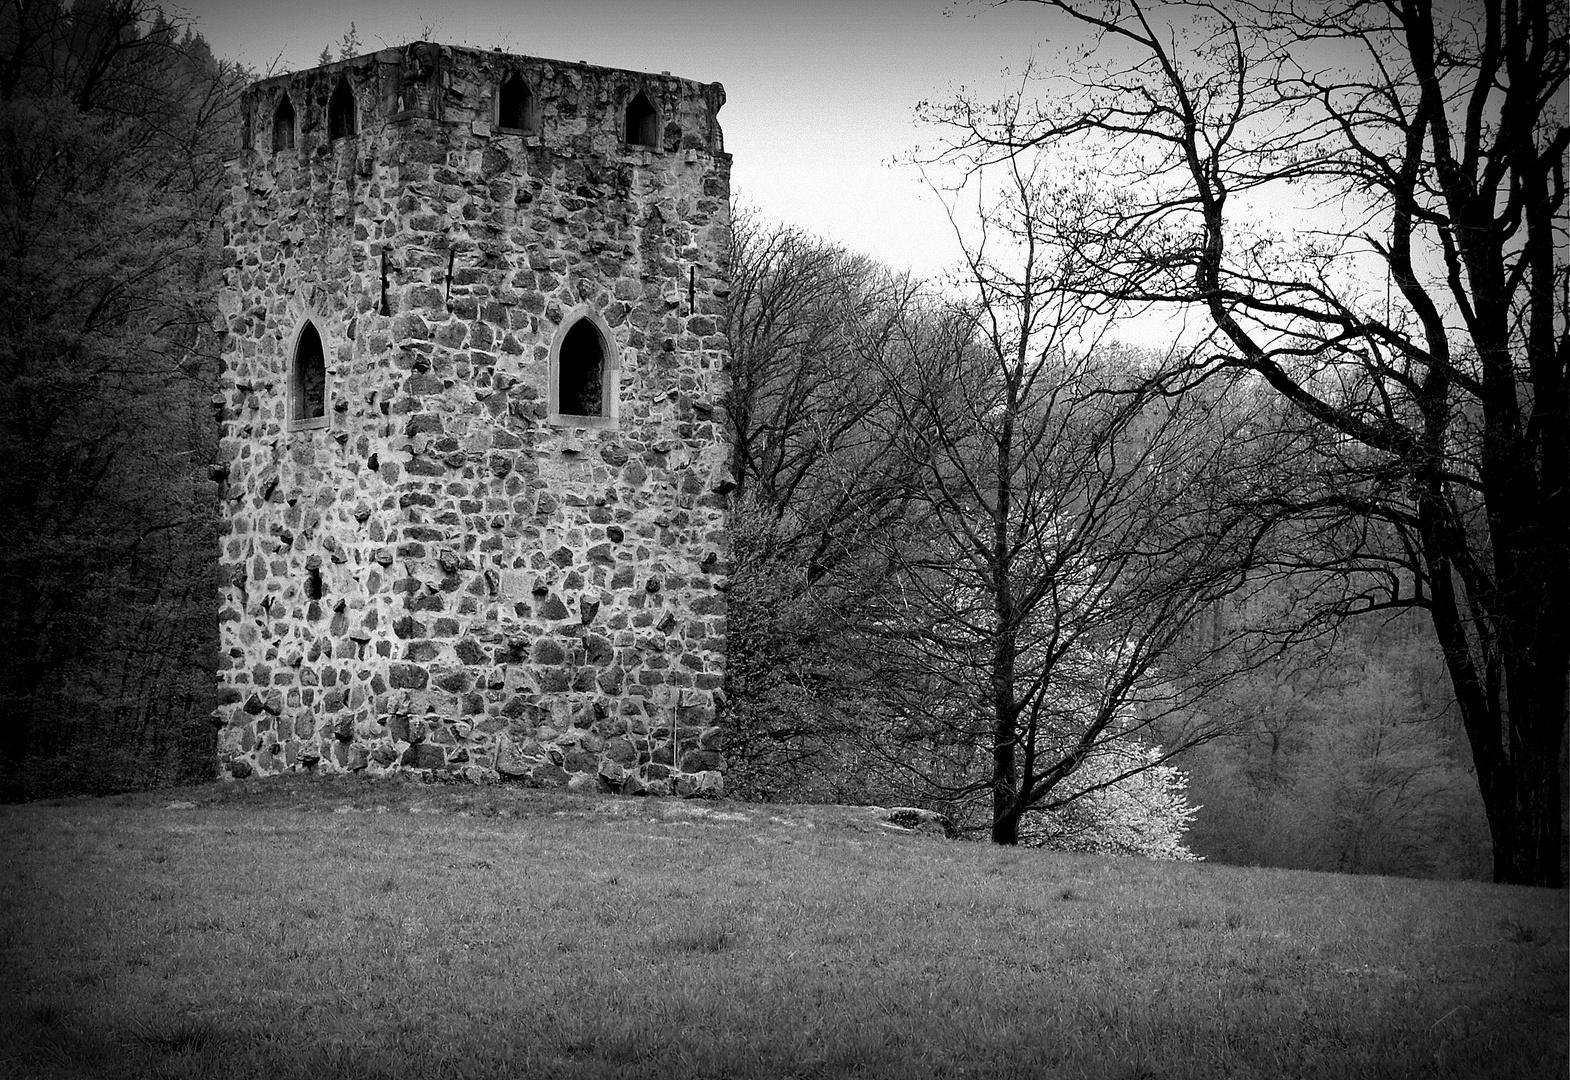 Waldnerturm bei Hemsbach